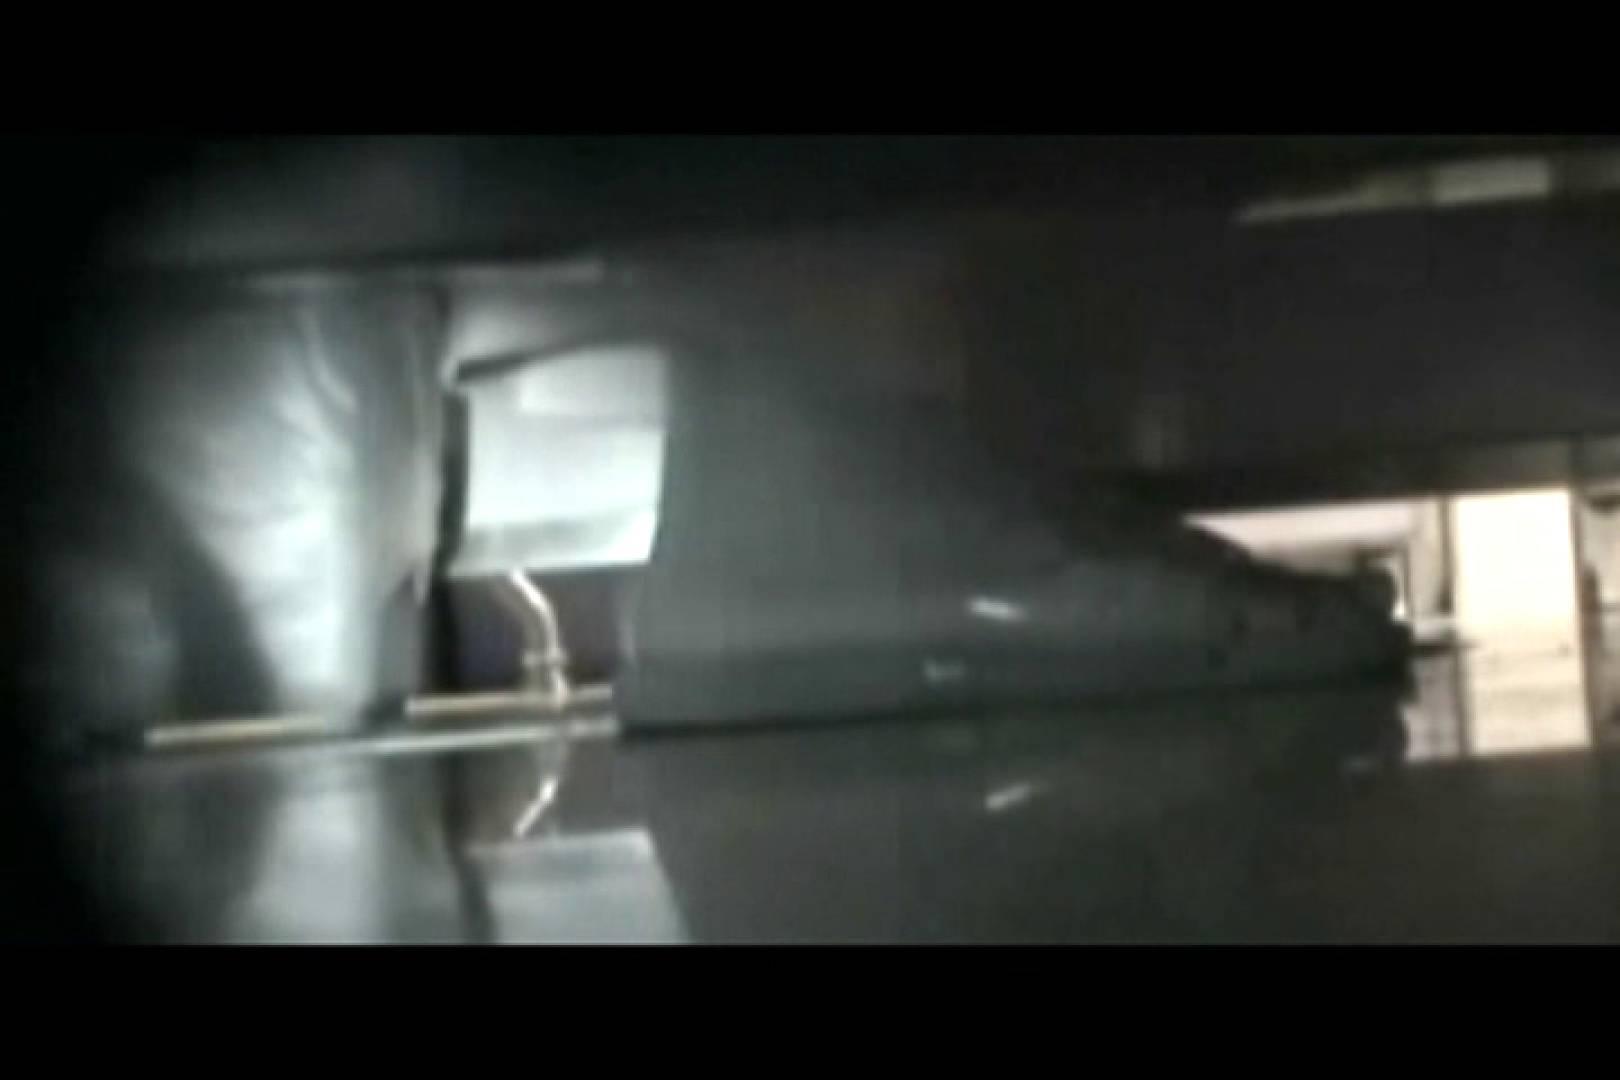 ぼっとん洗面所スペシャルVol.19 OLセックス | おまんこ無修正  87画像 85